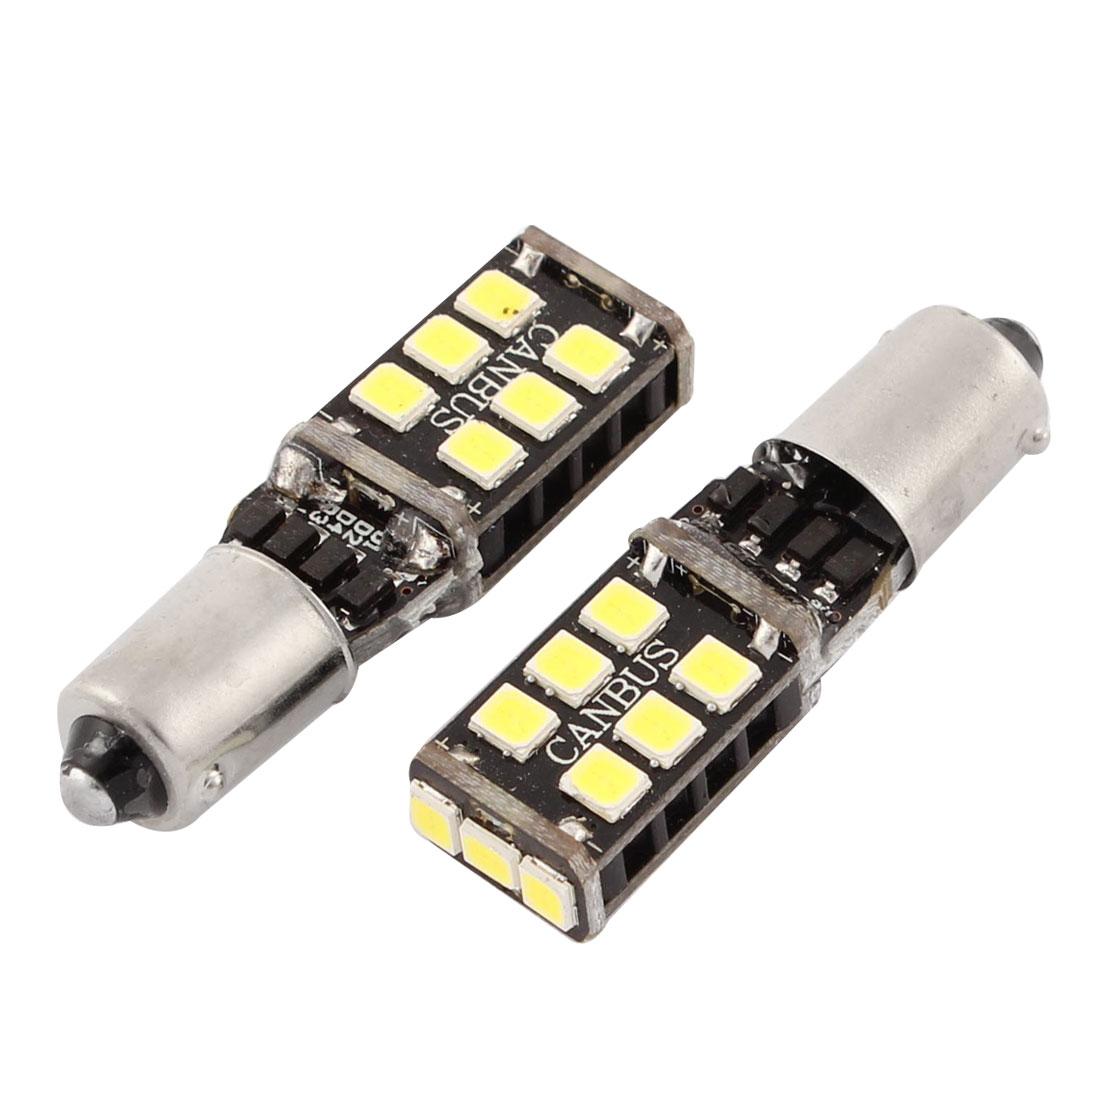 2 Pcs Error Free No Pole BA9S 3528 SMD 15 LEDs Turn Corner Tail Brake Light White 7.5W